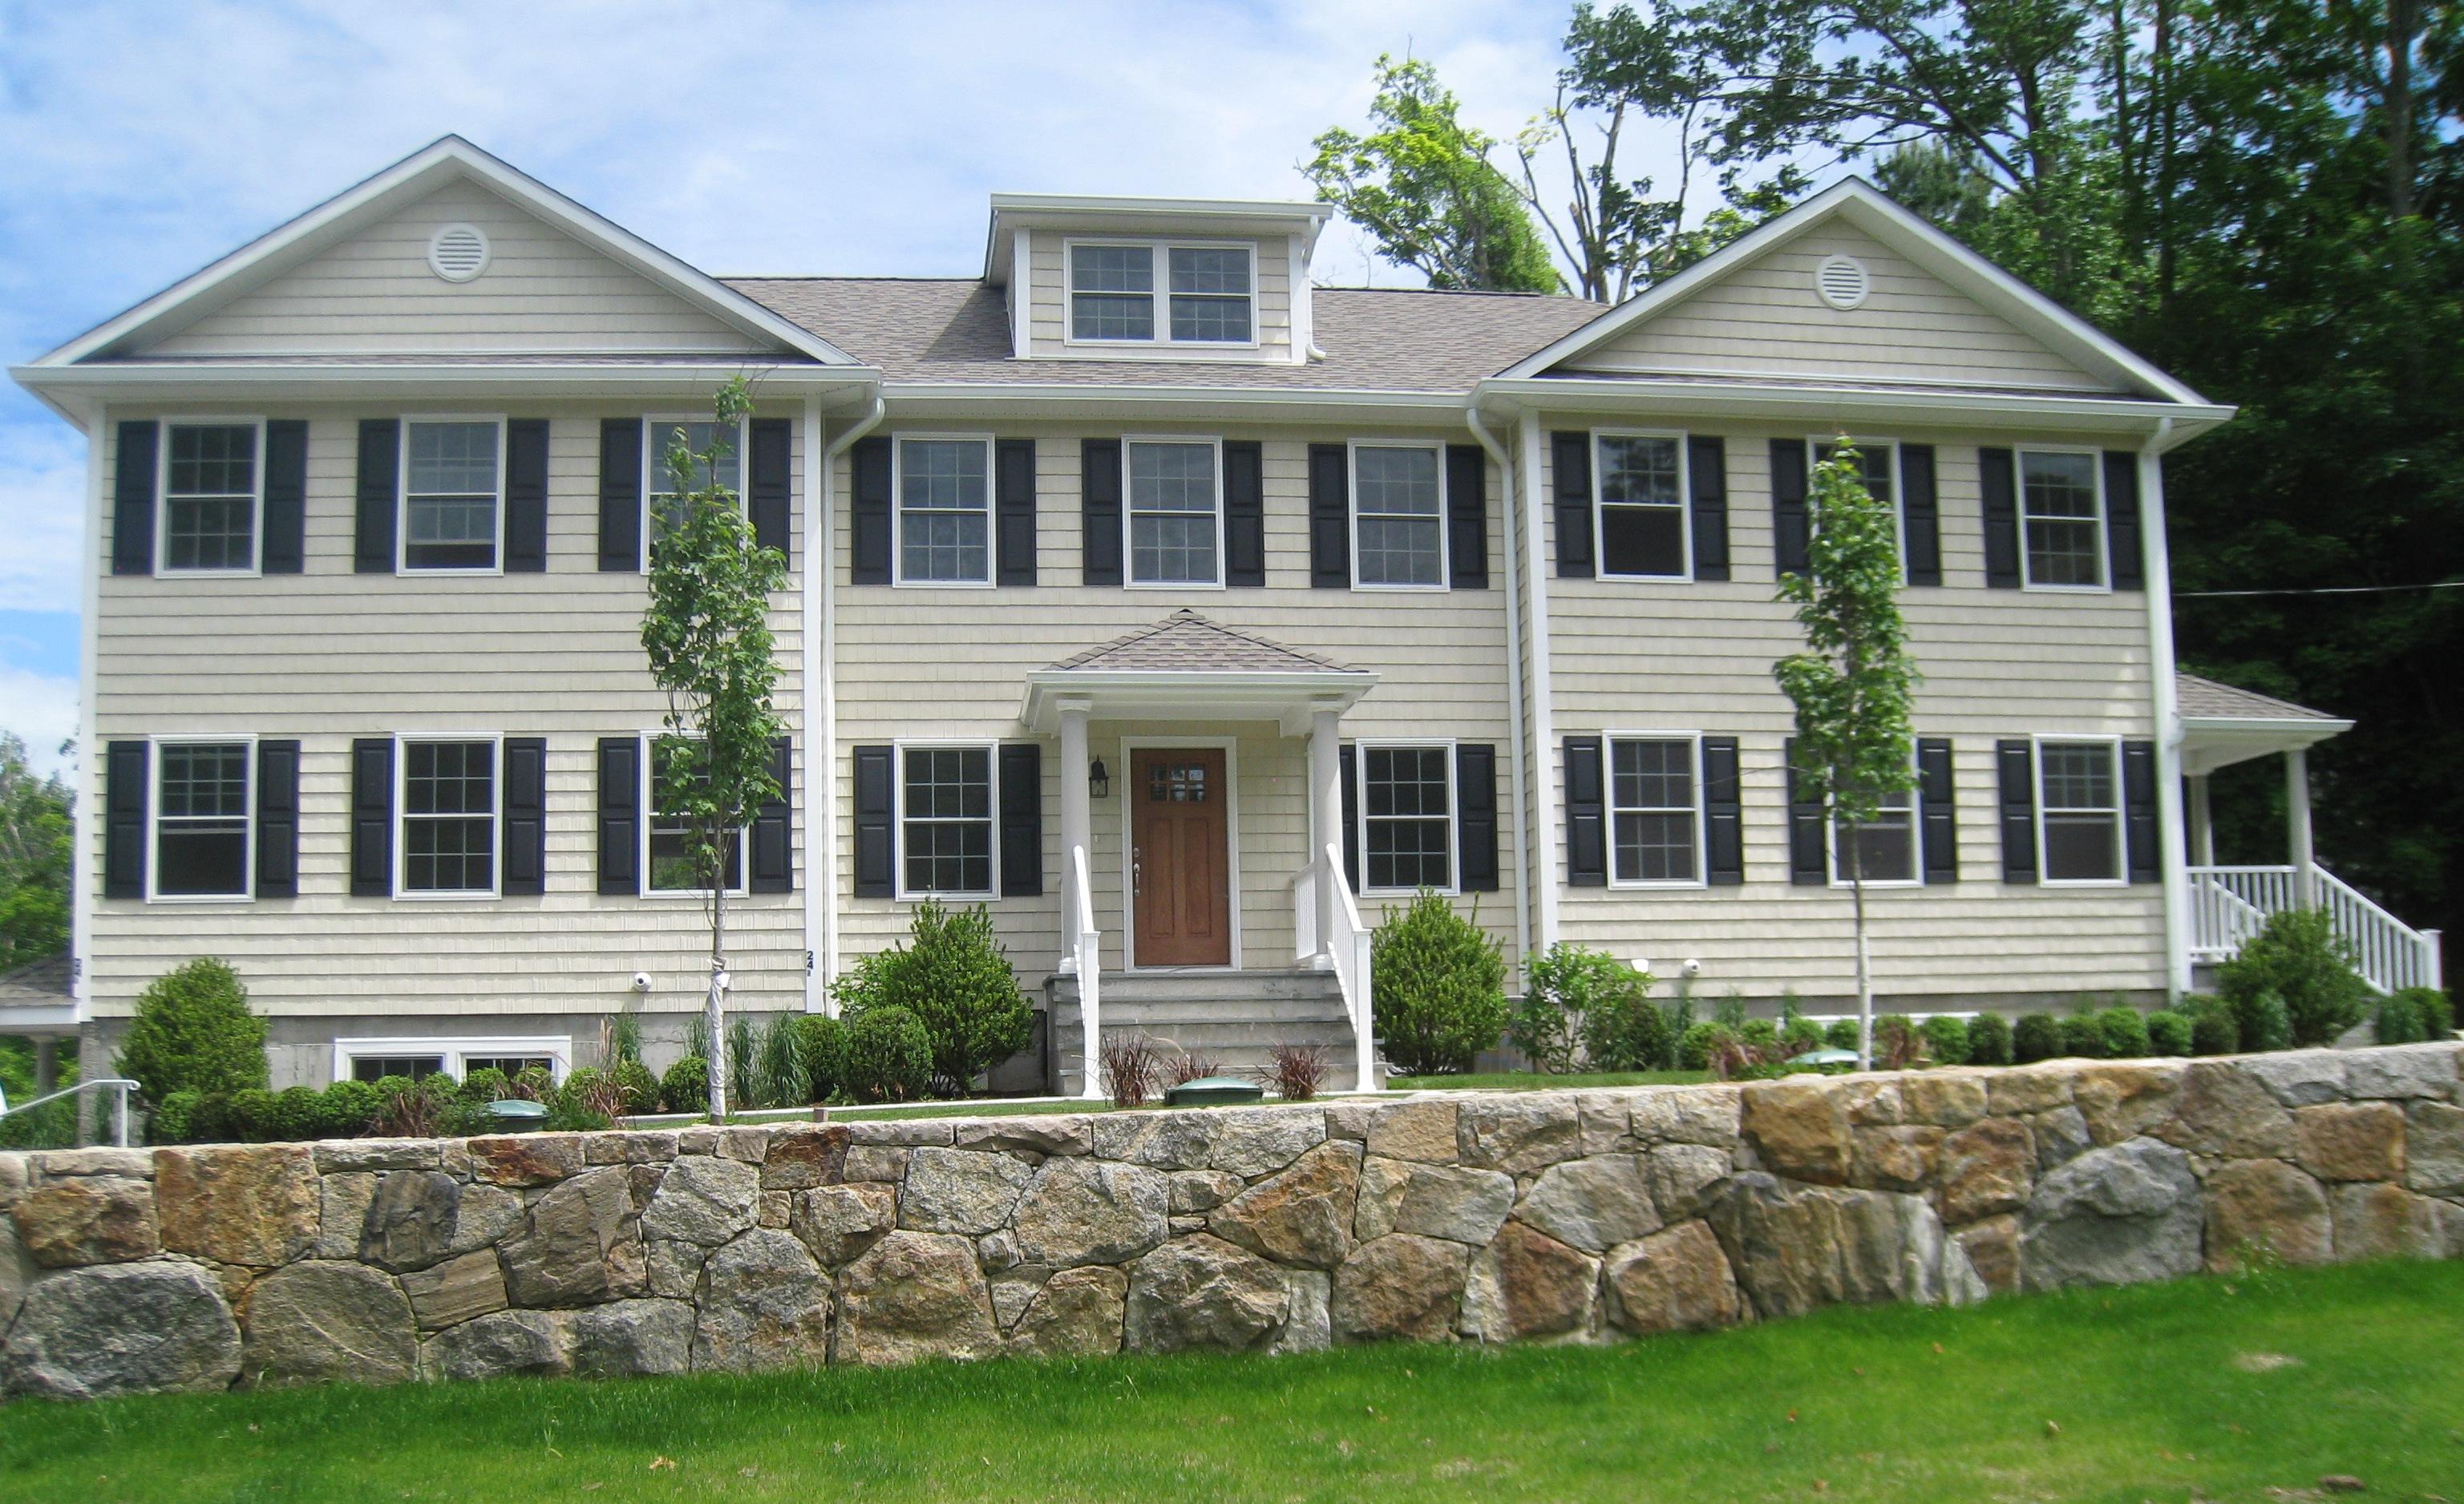 Vivienda multifamiliar por un Venta en Tremendous Investment Opportunity 24 North Street Ridgefield, Connecticut, 06877 Estados Unidos